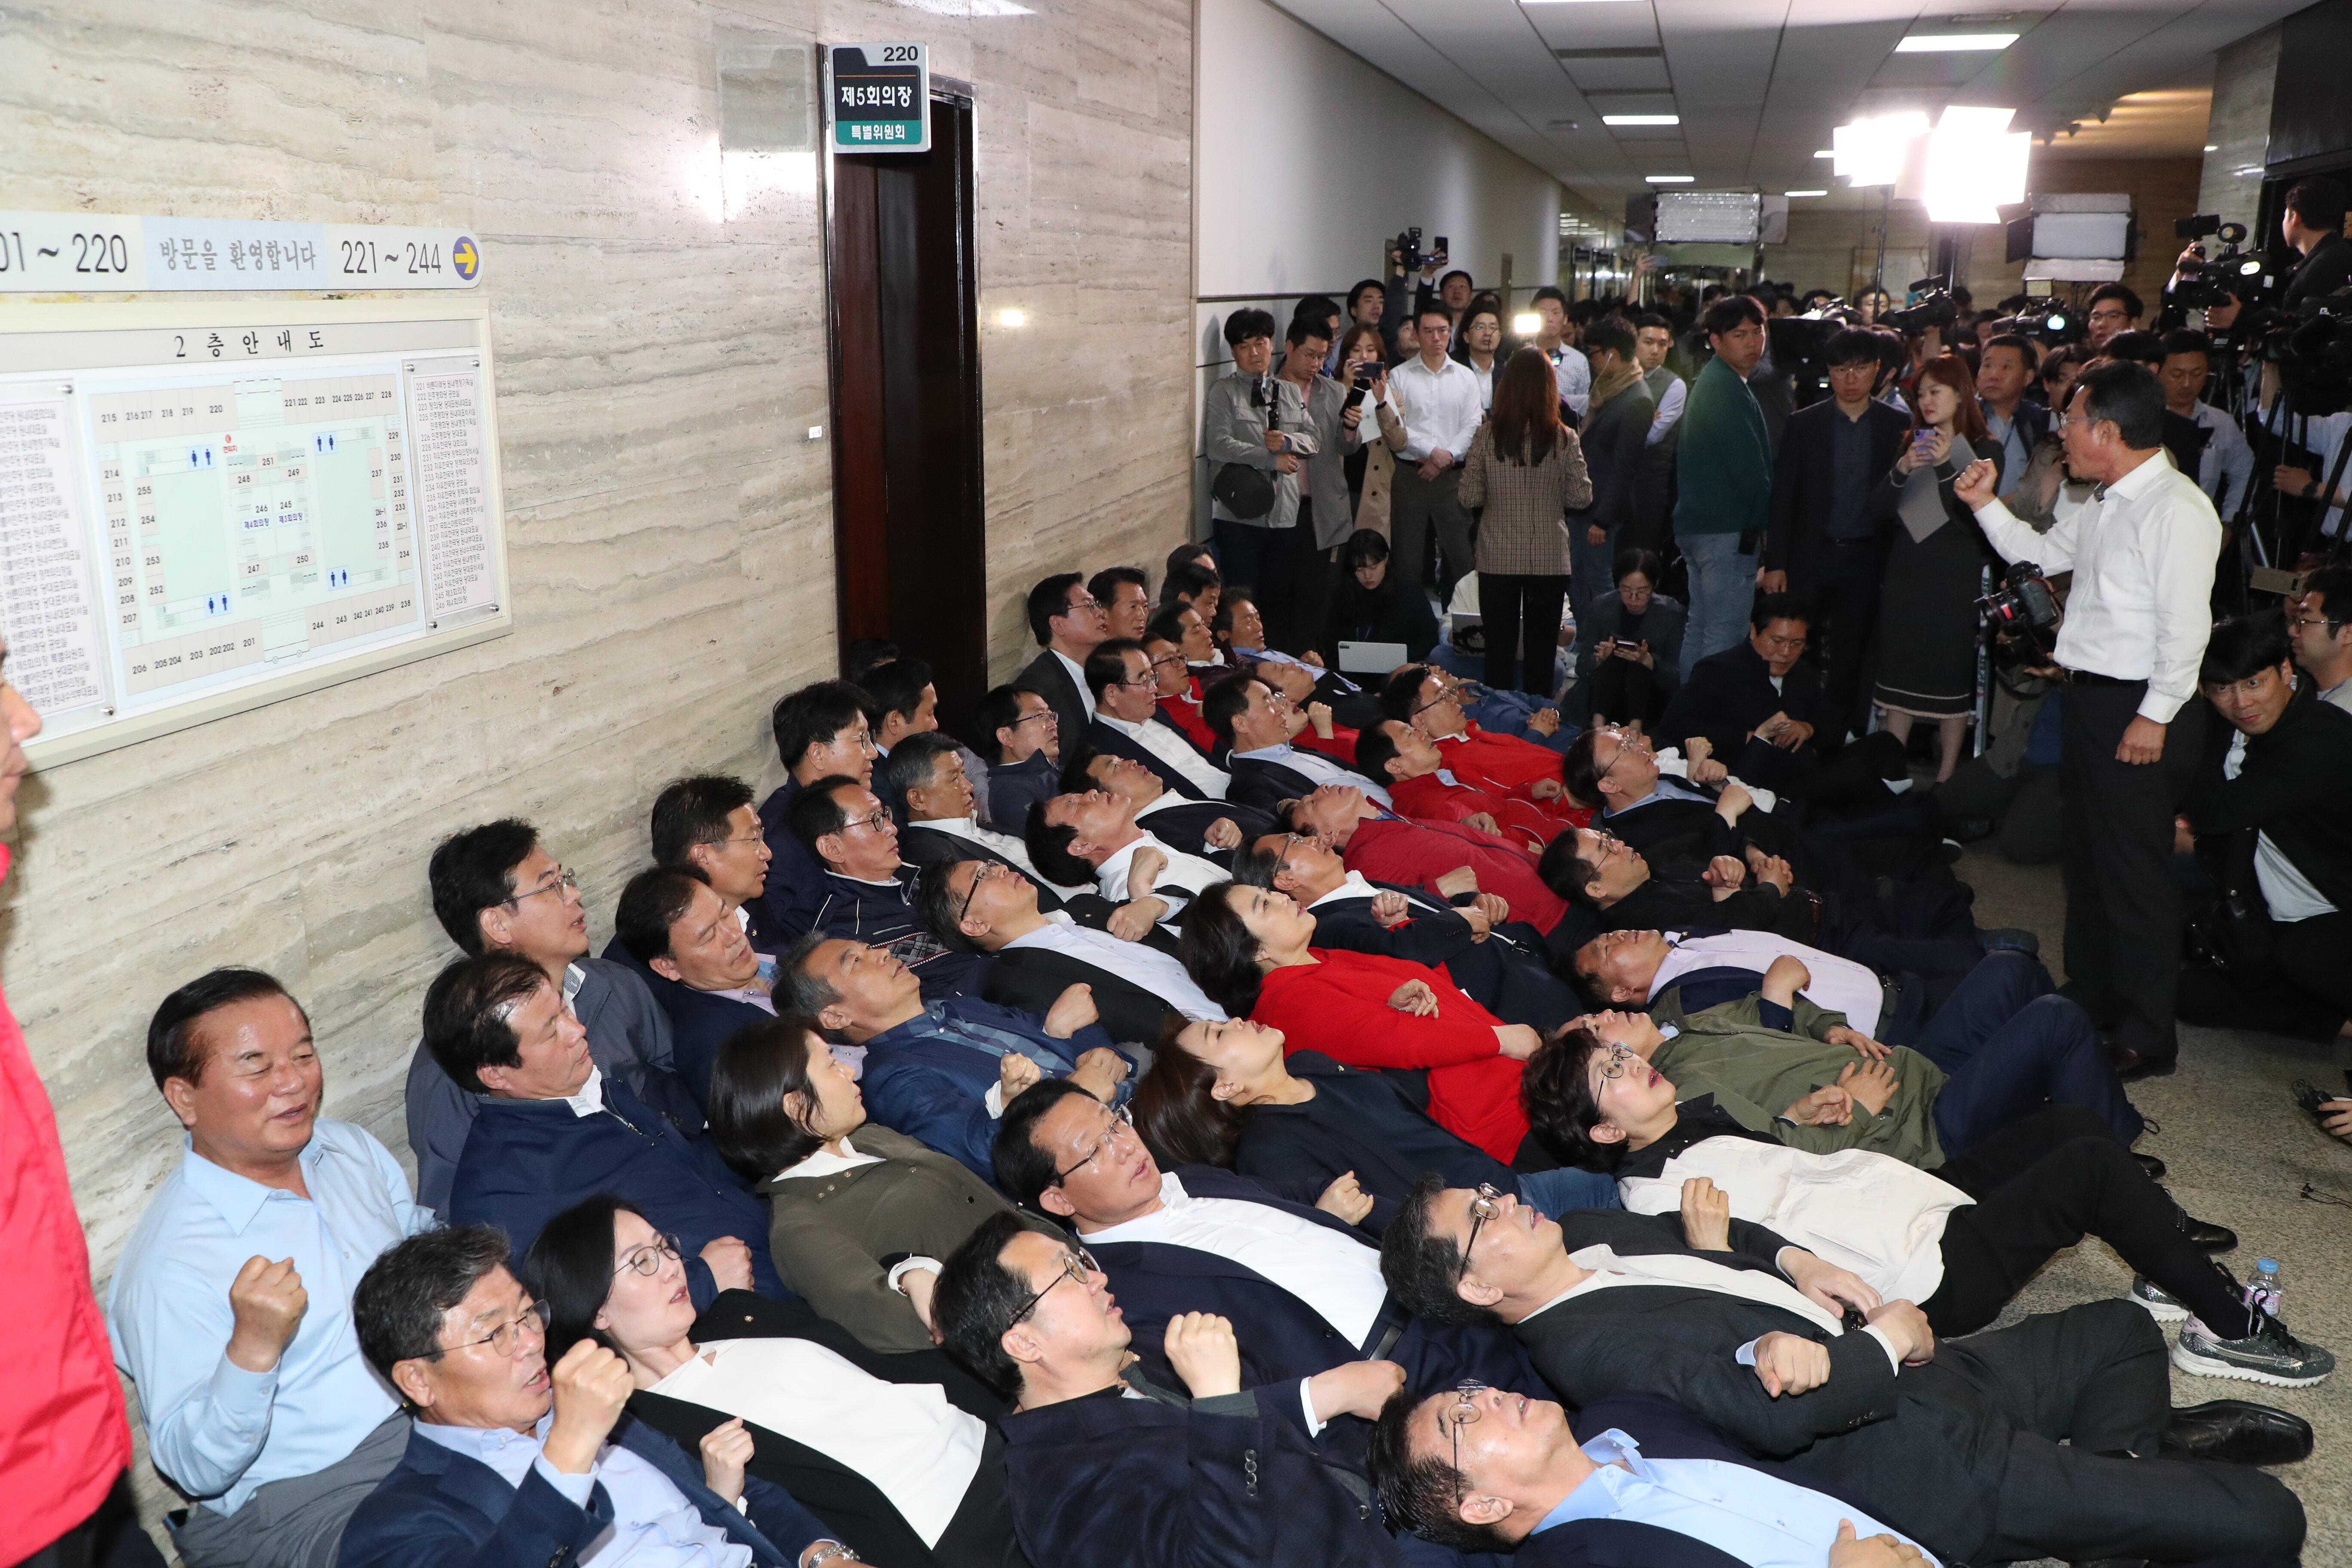 자유한국당 의원들이 26일 서울 여의도 국회에서 열리는 사개특위회의장 앞에서 농성을 하고 있다.